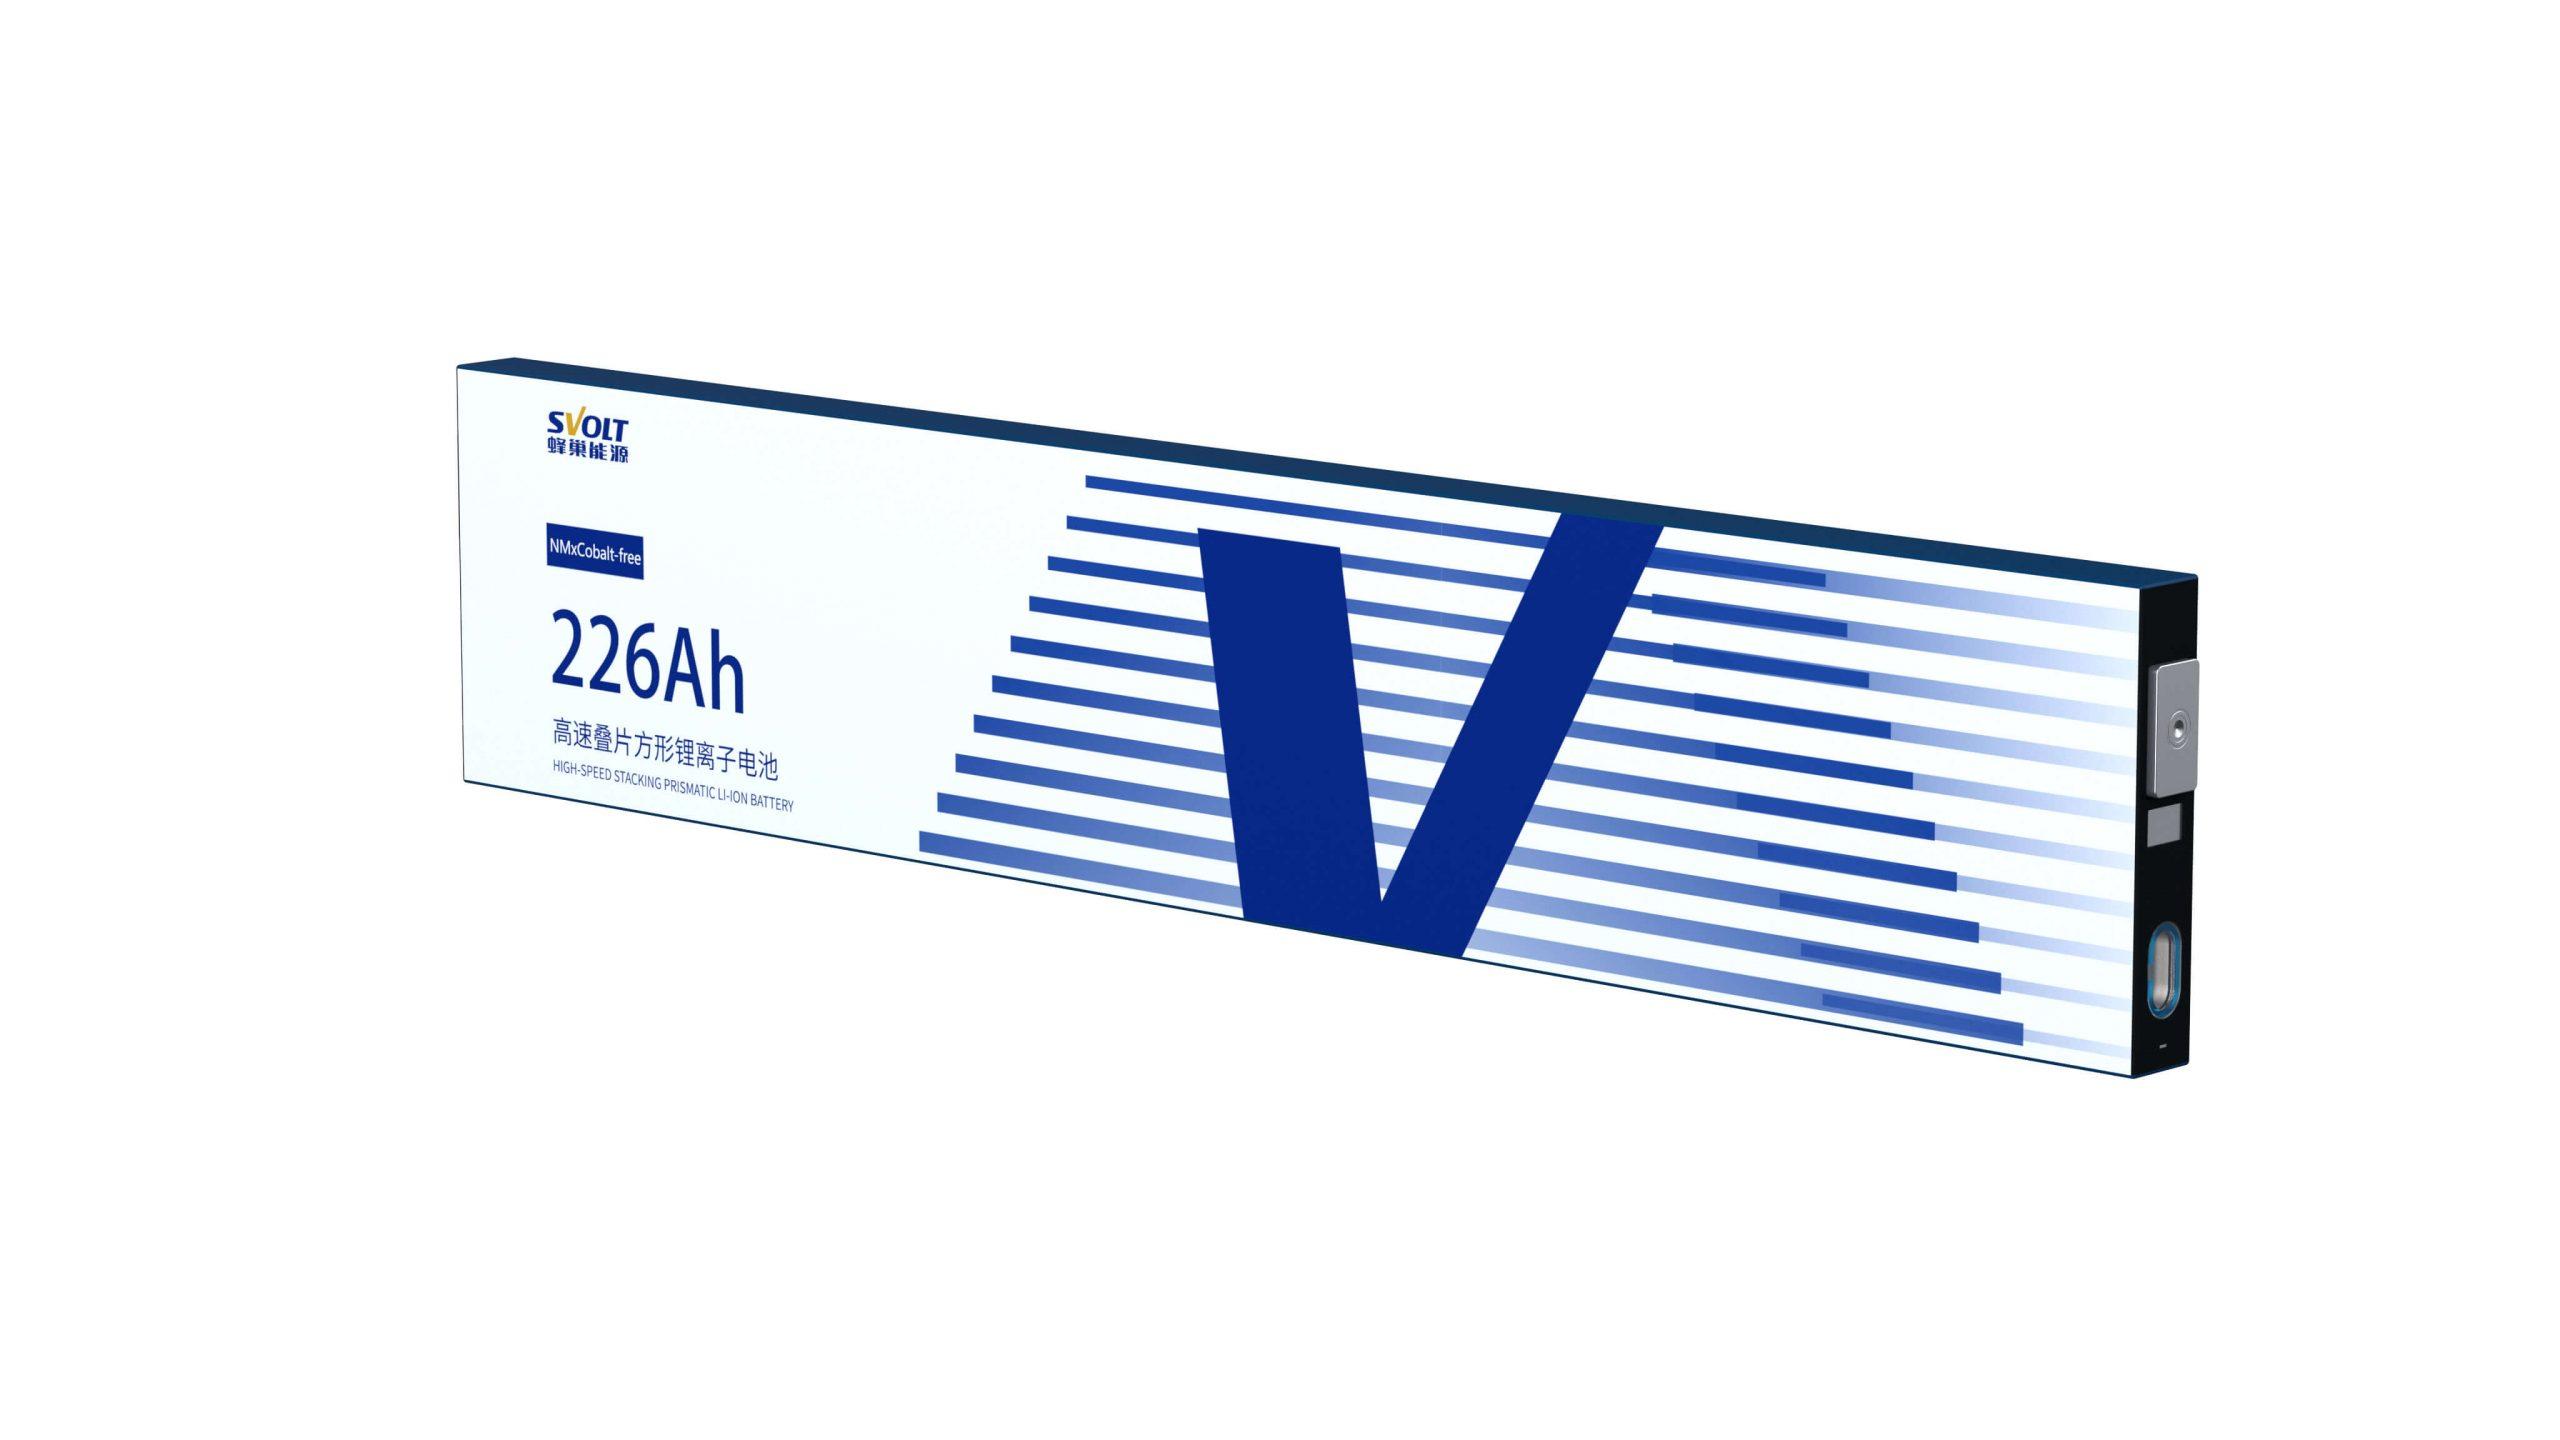 Призматический аккумуляторный элемент NMx от SVOLT на 226 А⋅ч